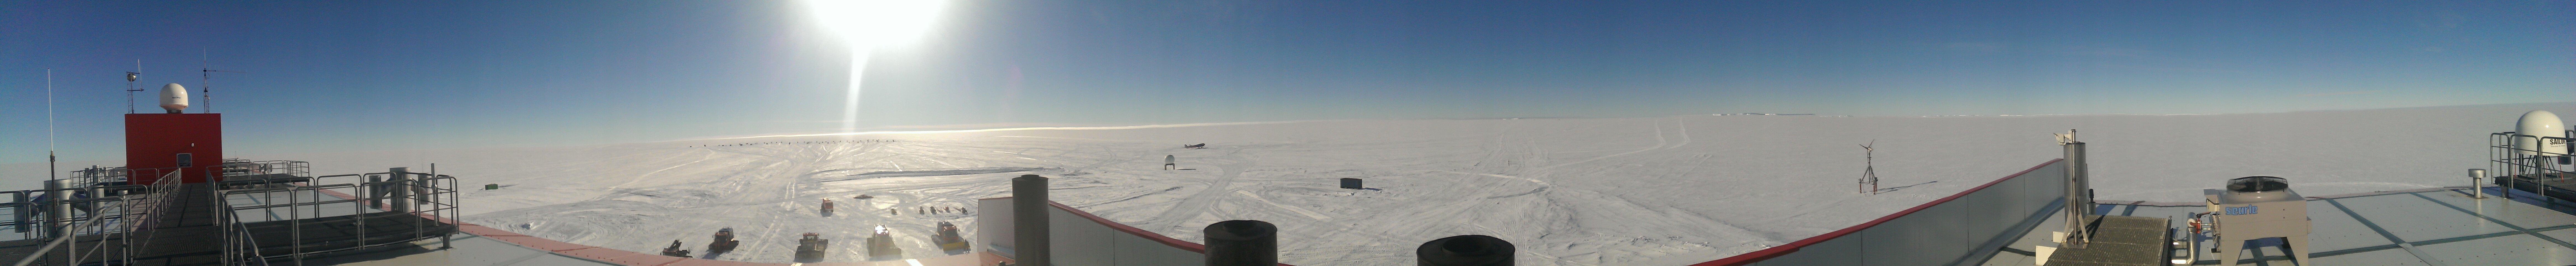 Panoramablick von der Station Neumayer III